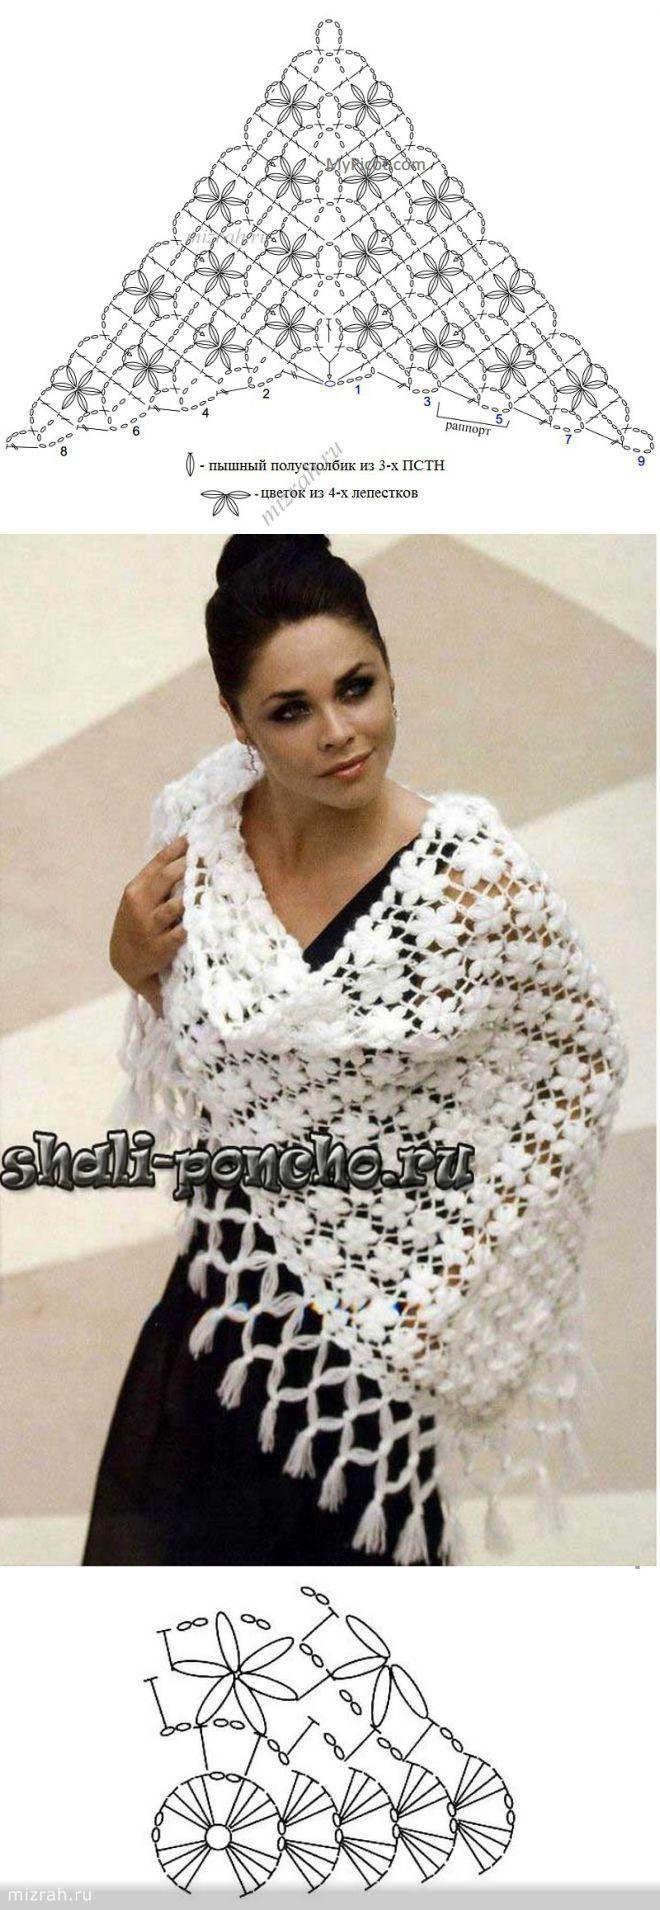 Chal crochet pattern.